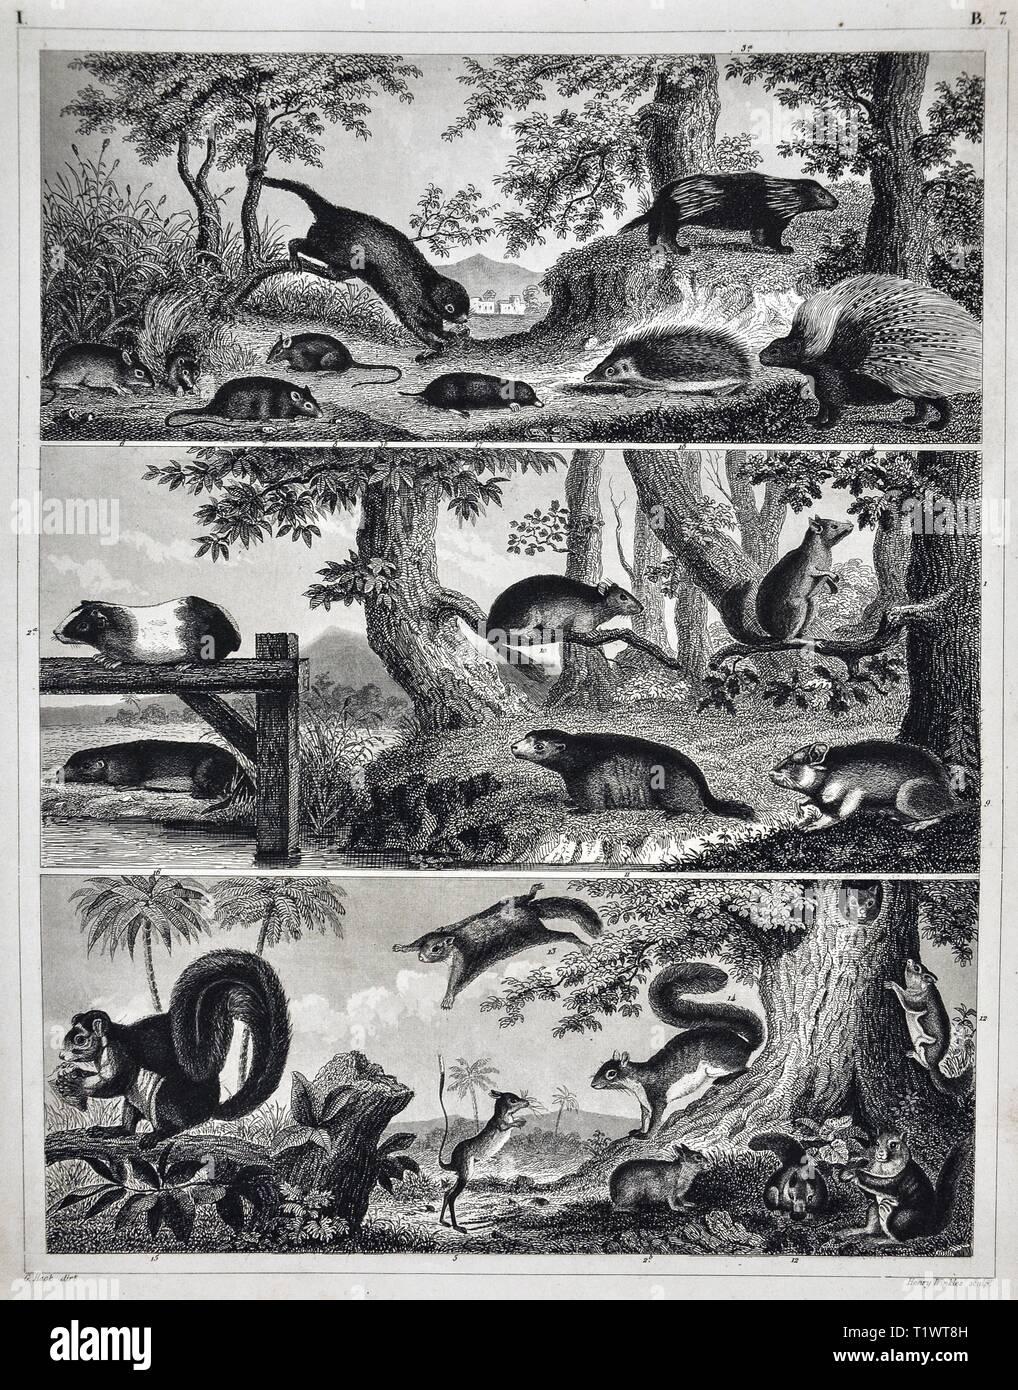 1849 Zoologische Drucken Wildtiere Säugetiere Verschiedene